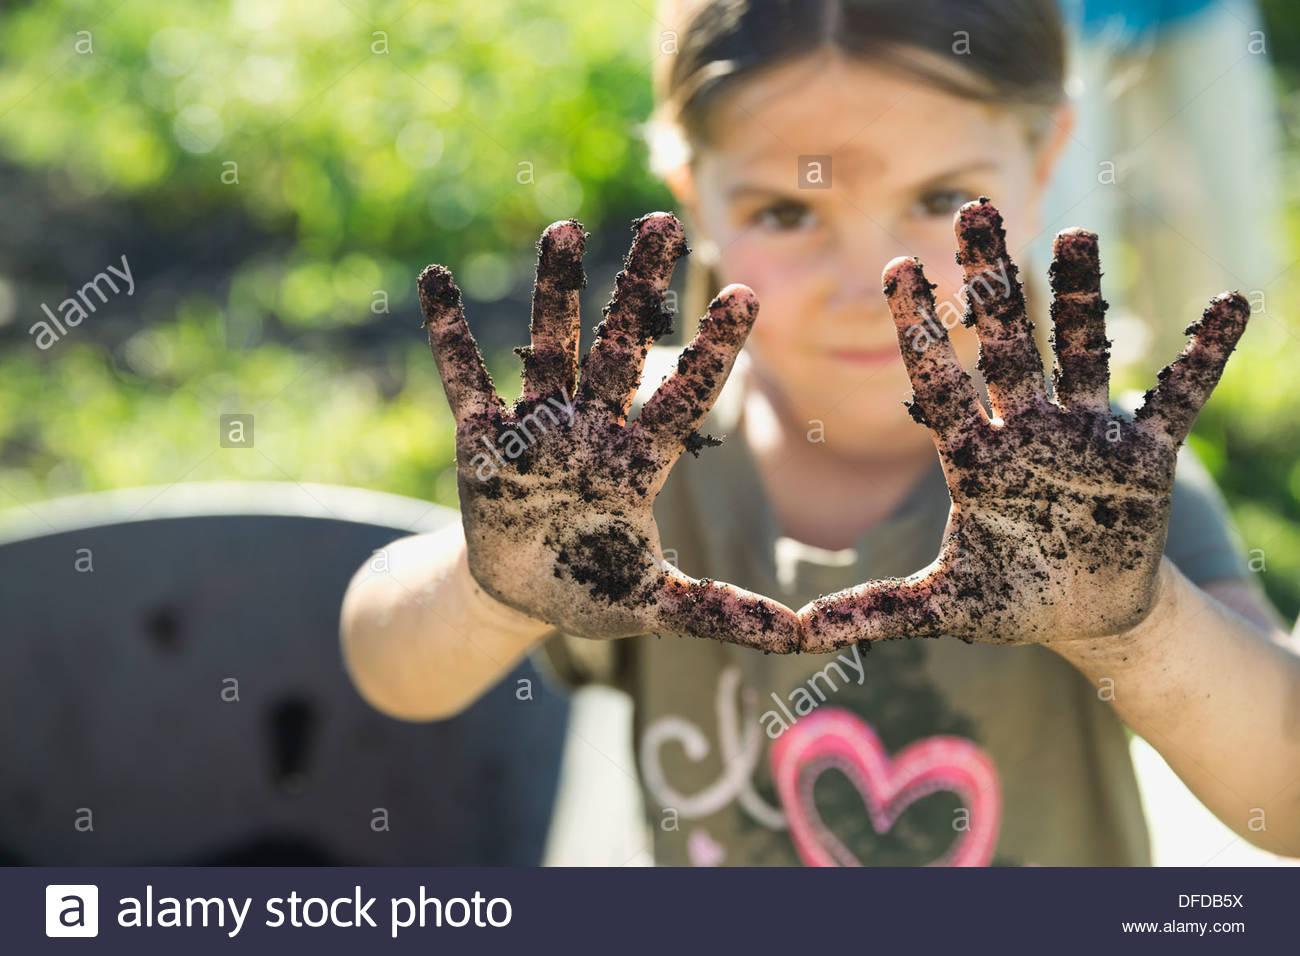 Kleines Mädchen zeigt Hände voller Garten Schmutz Stockbild